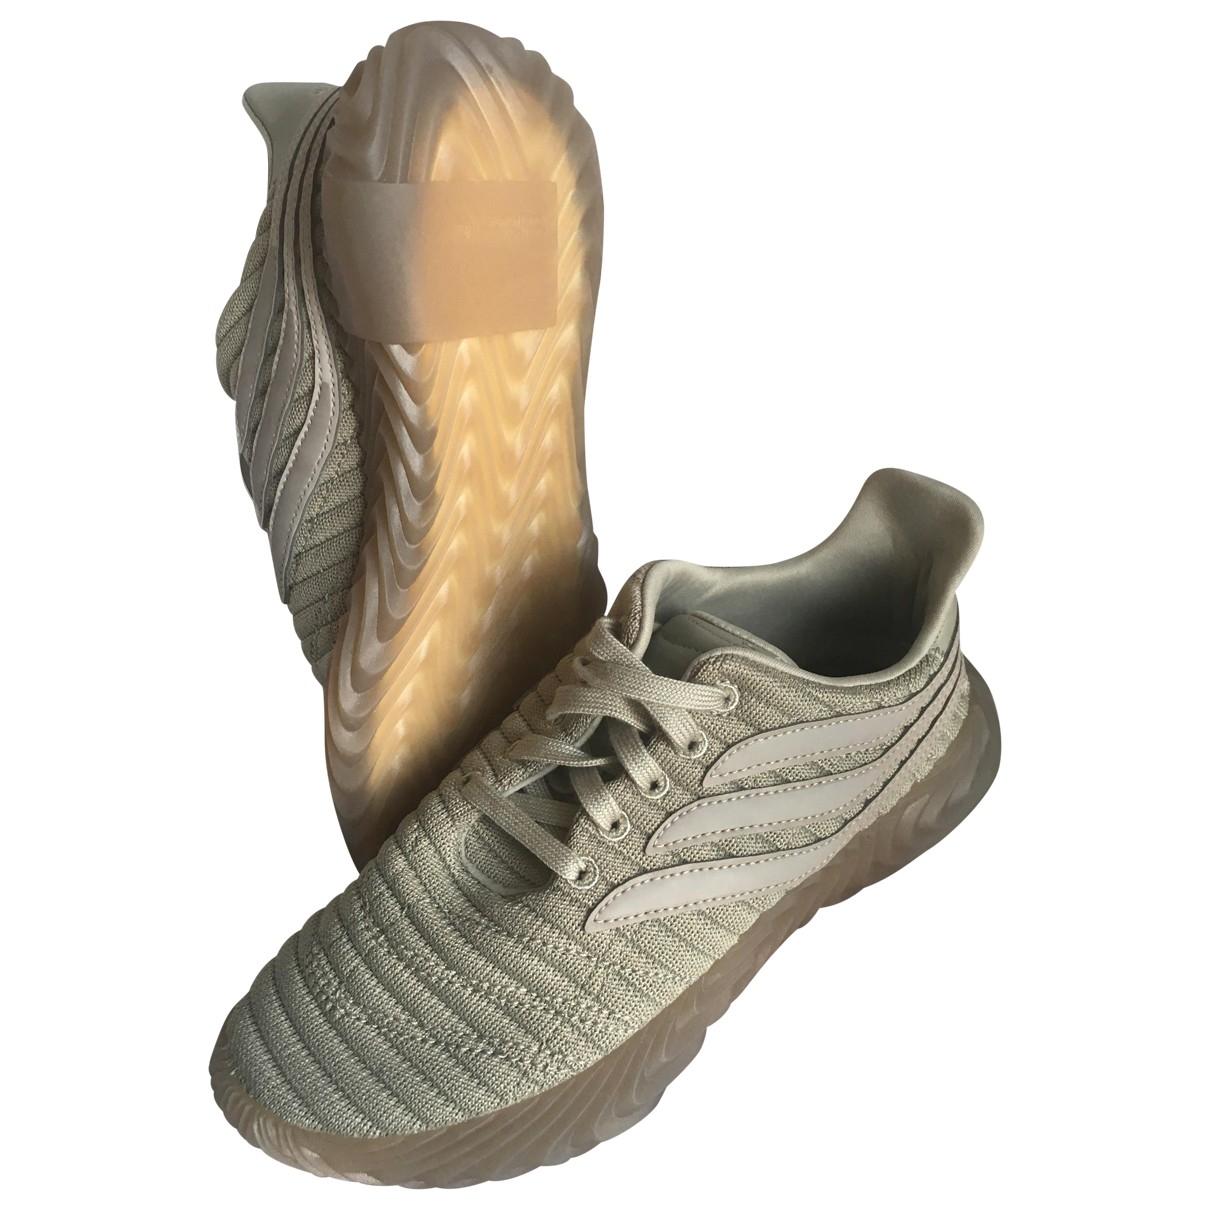 Adidas - Baskets   pour femme en toile - beige